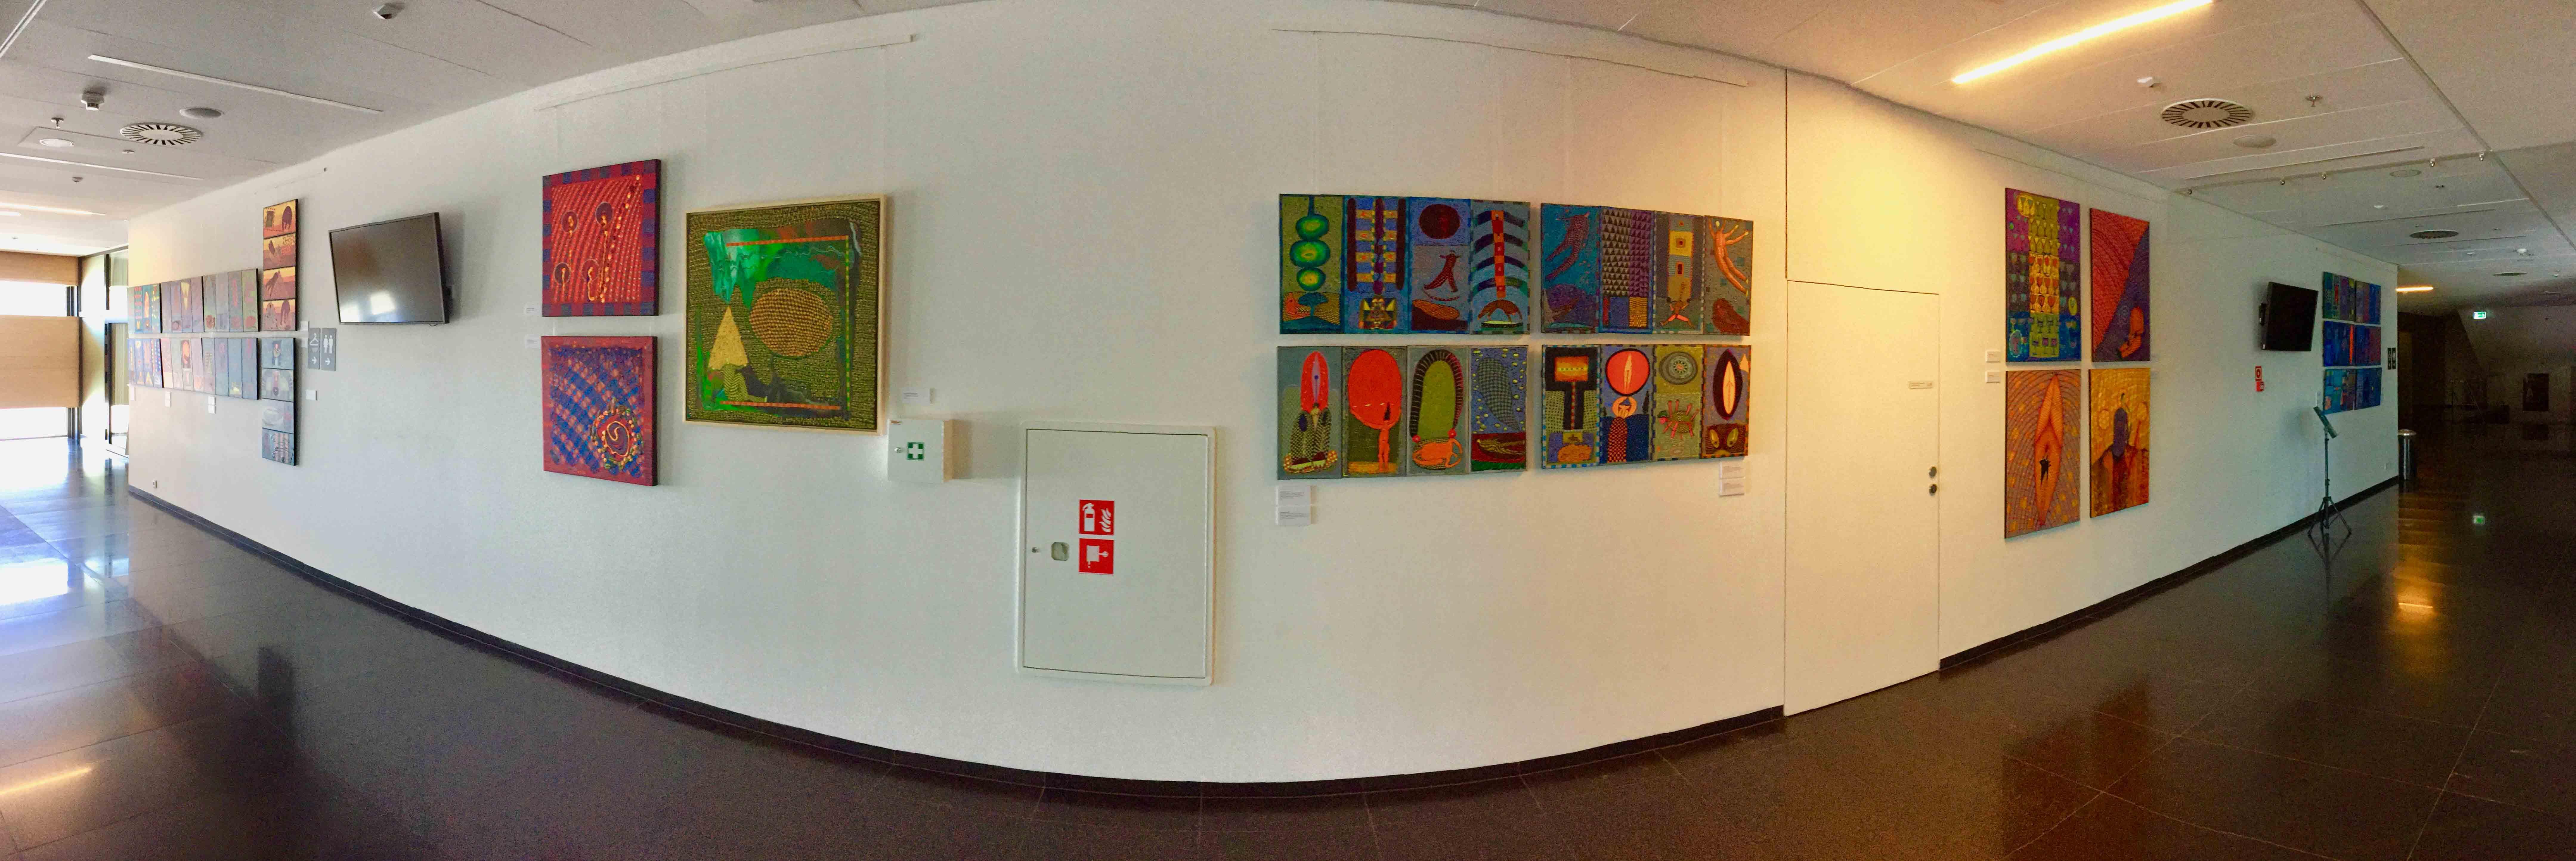 2020-Eugeniusz-Jozefowski--Sigma-DP2,-Wystawa-w-Narodowym-Forum-Muzyki-20